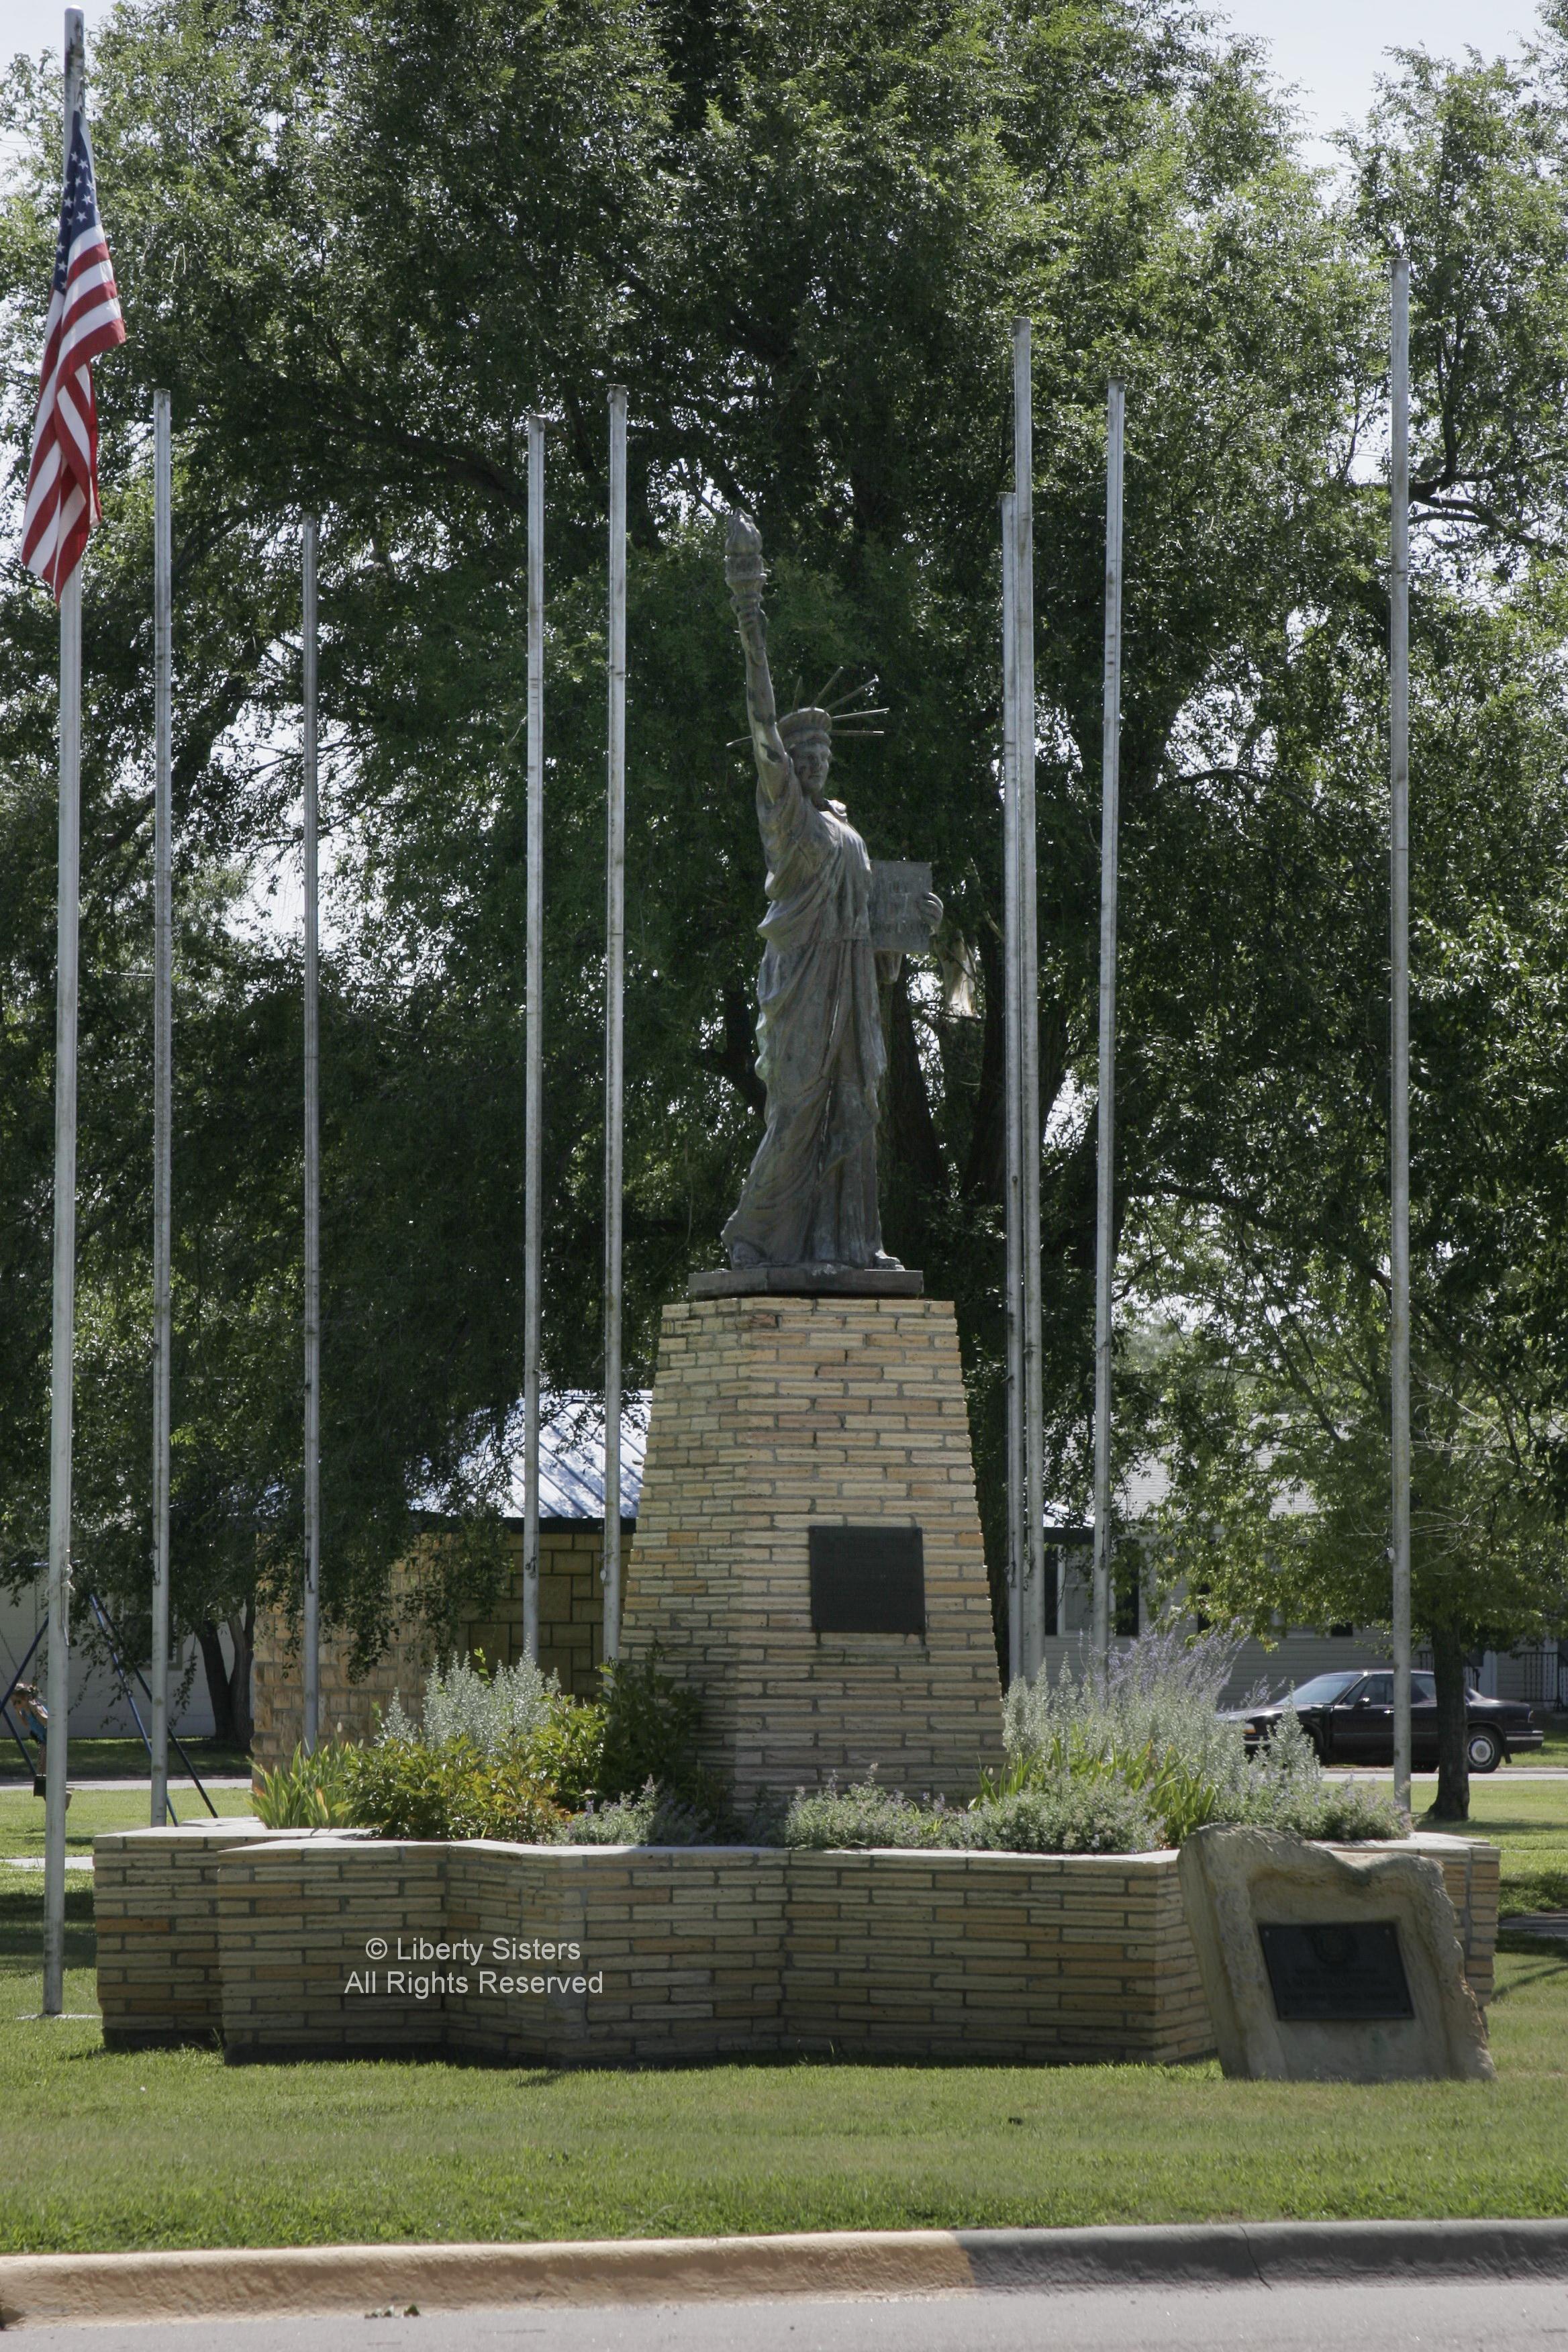 La Crosse, Kansas